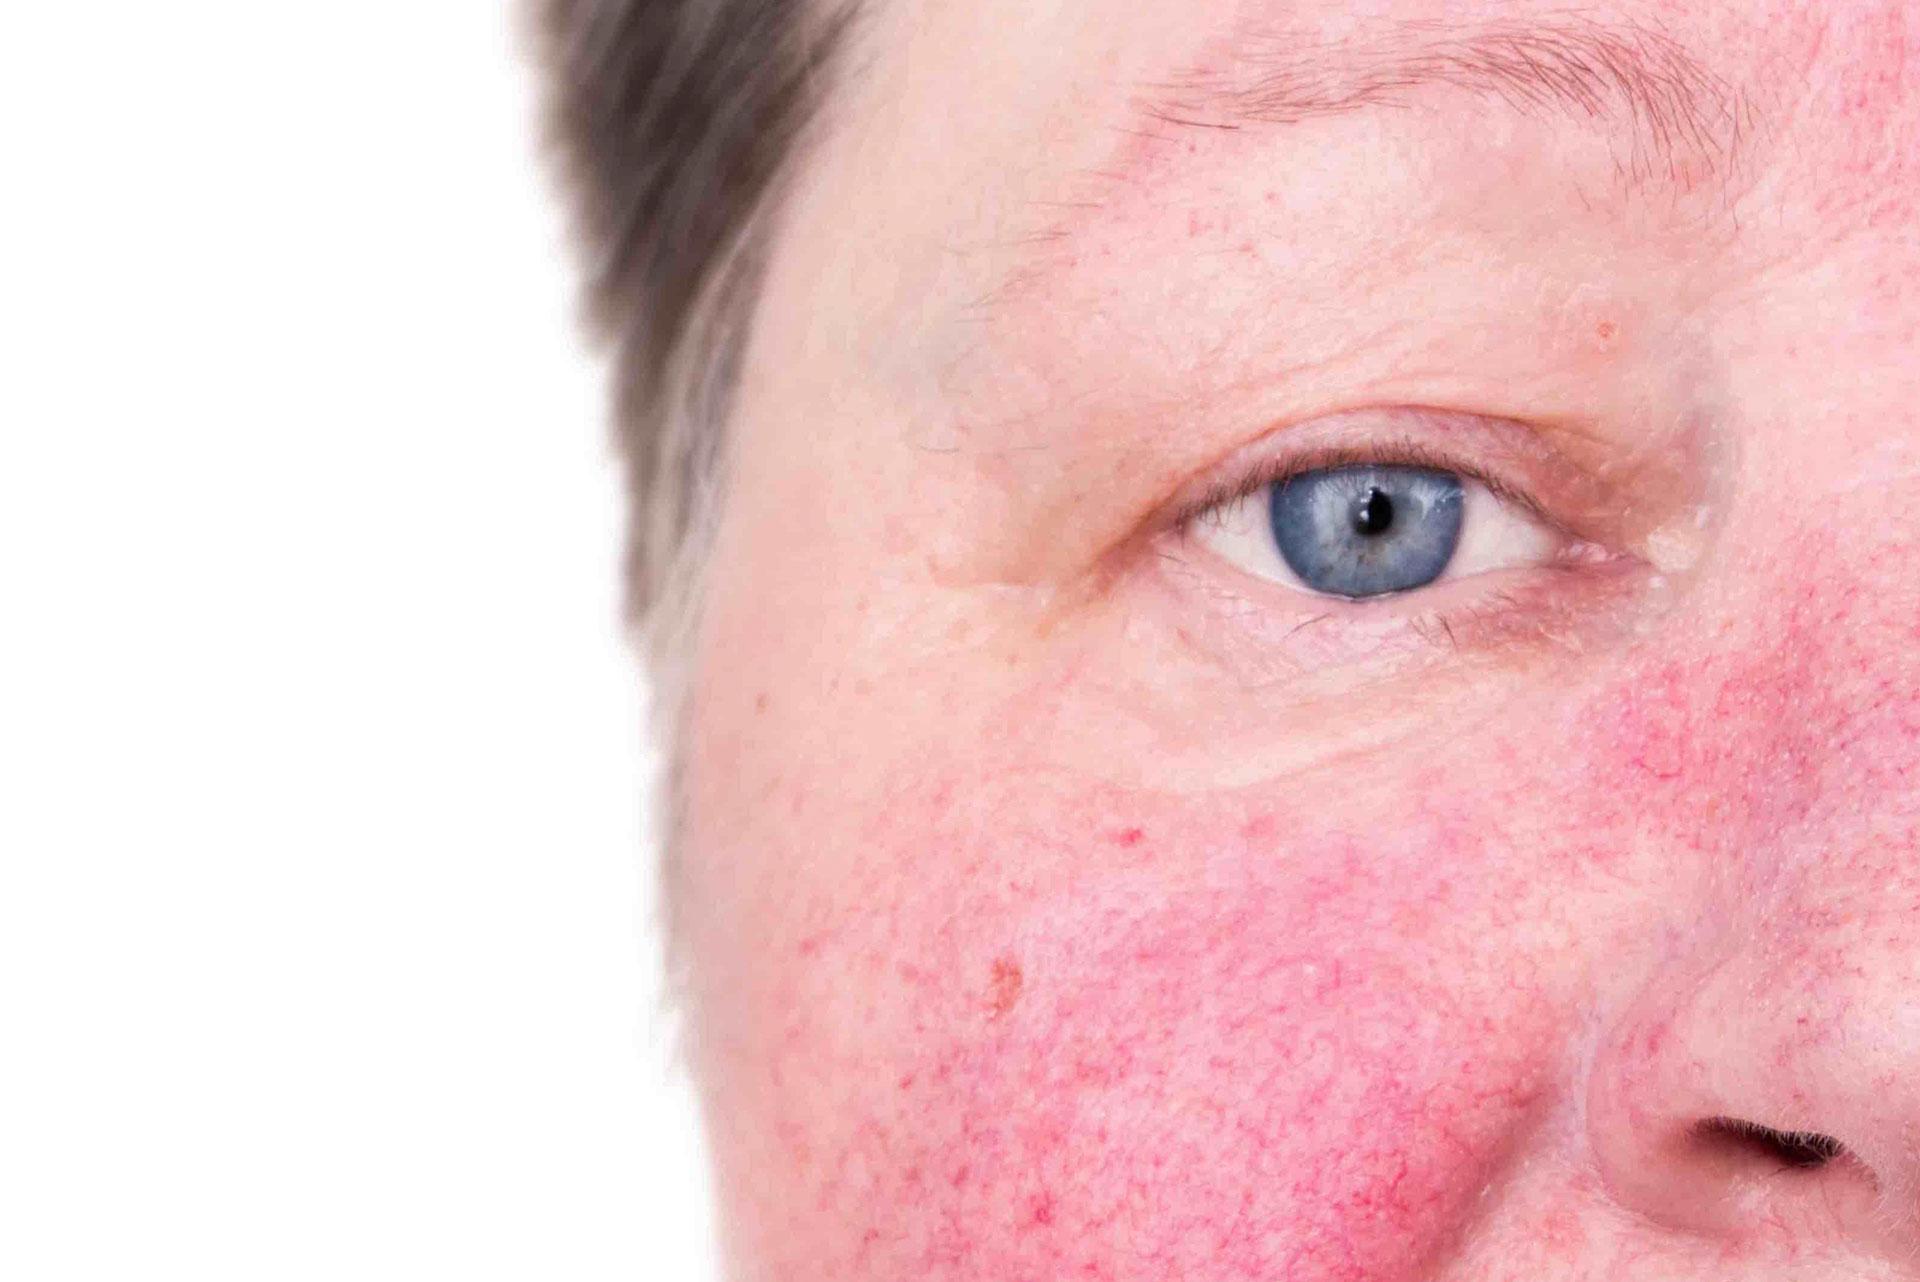 Rosácea: conheça as causas e tratamentos! - Innove Clinic